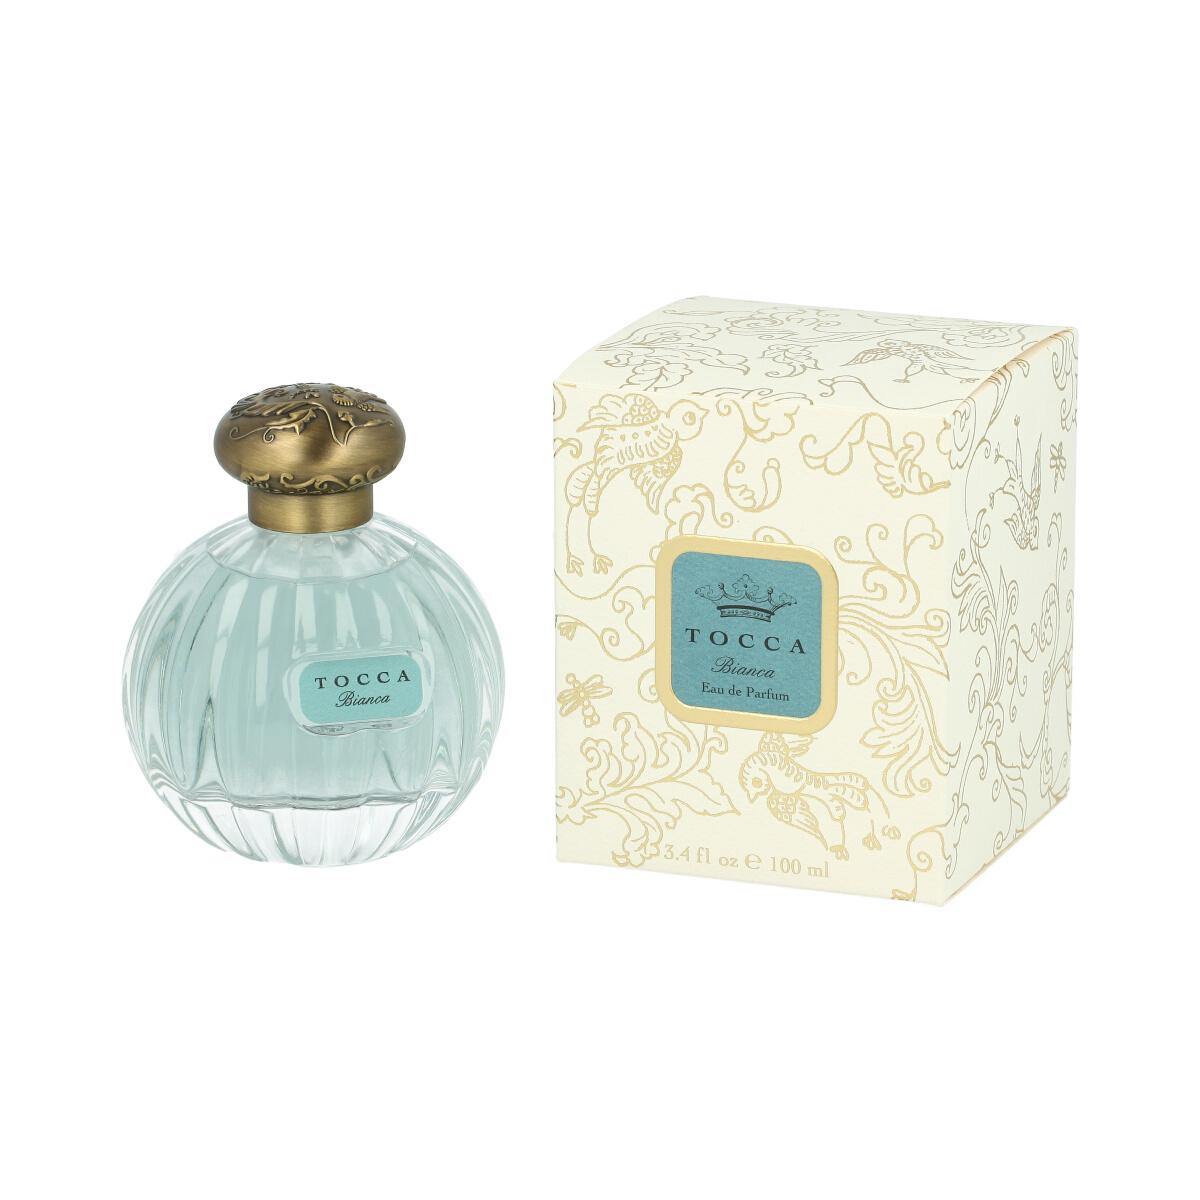 Tocca Bianca Eau De Parfum 100 ml (woman) 18043